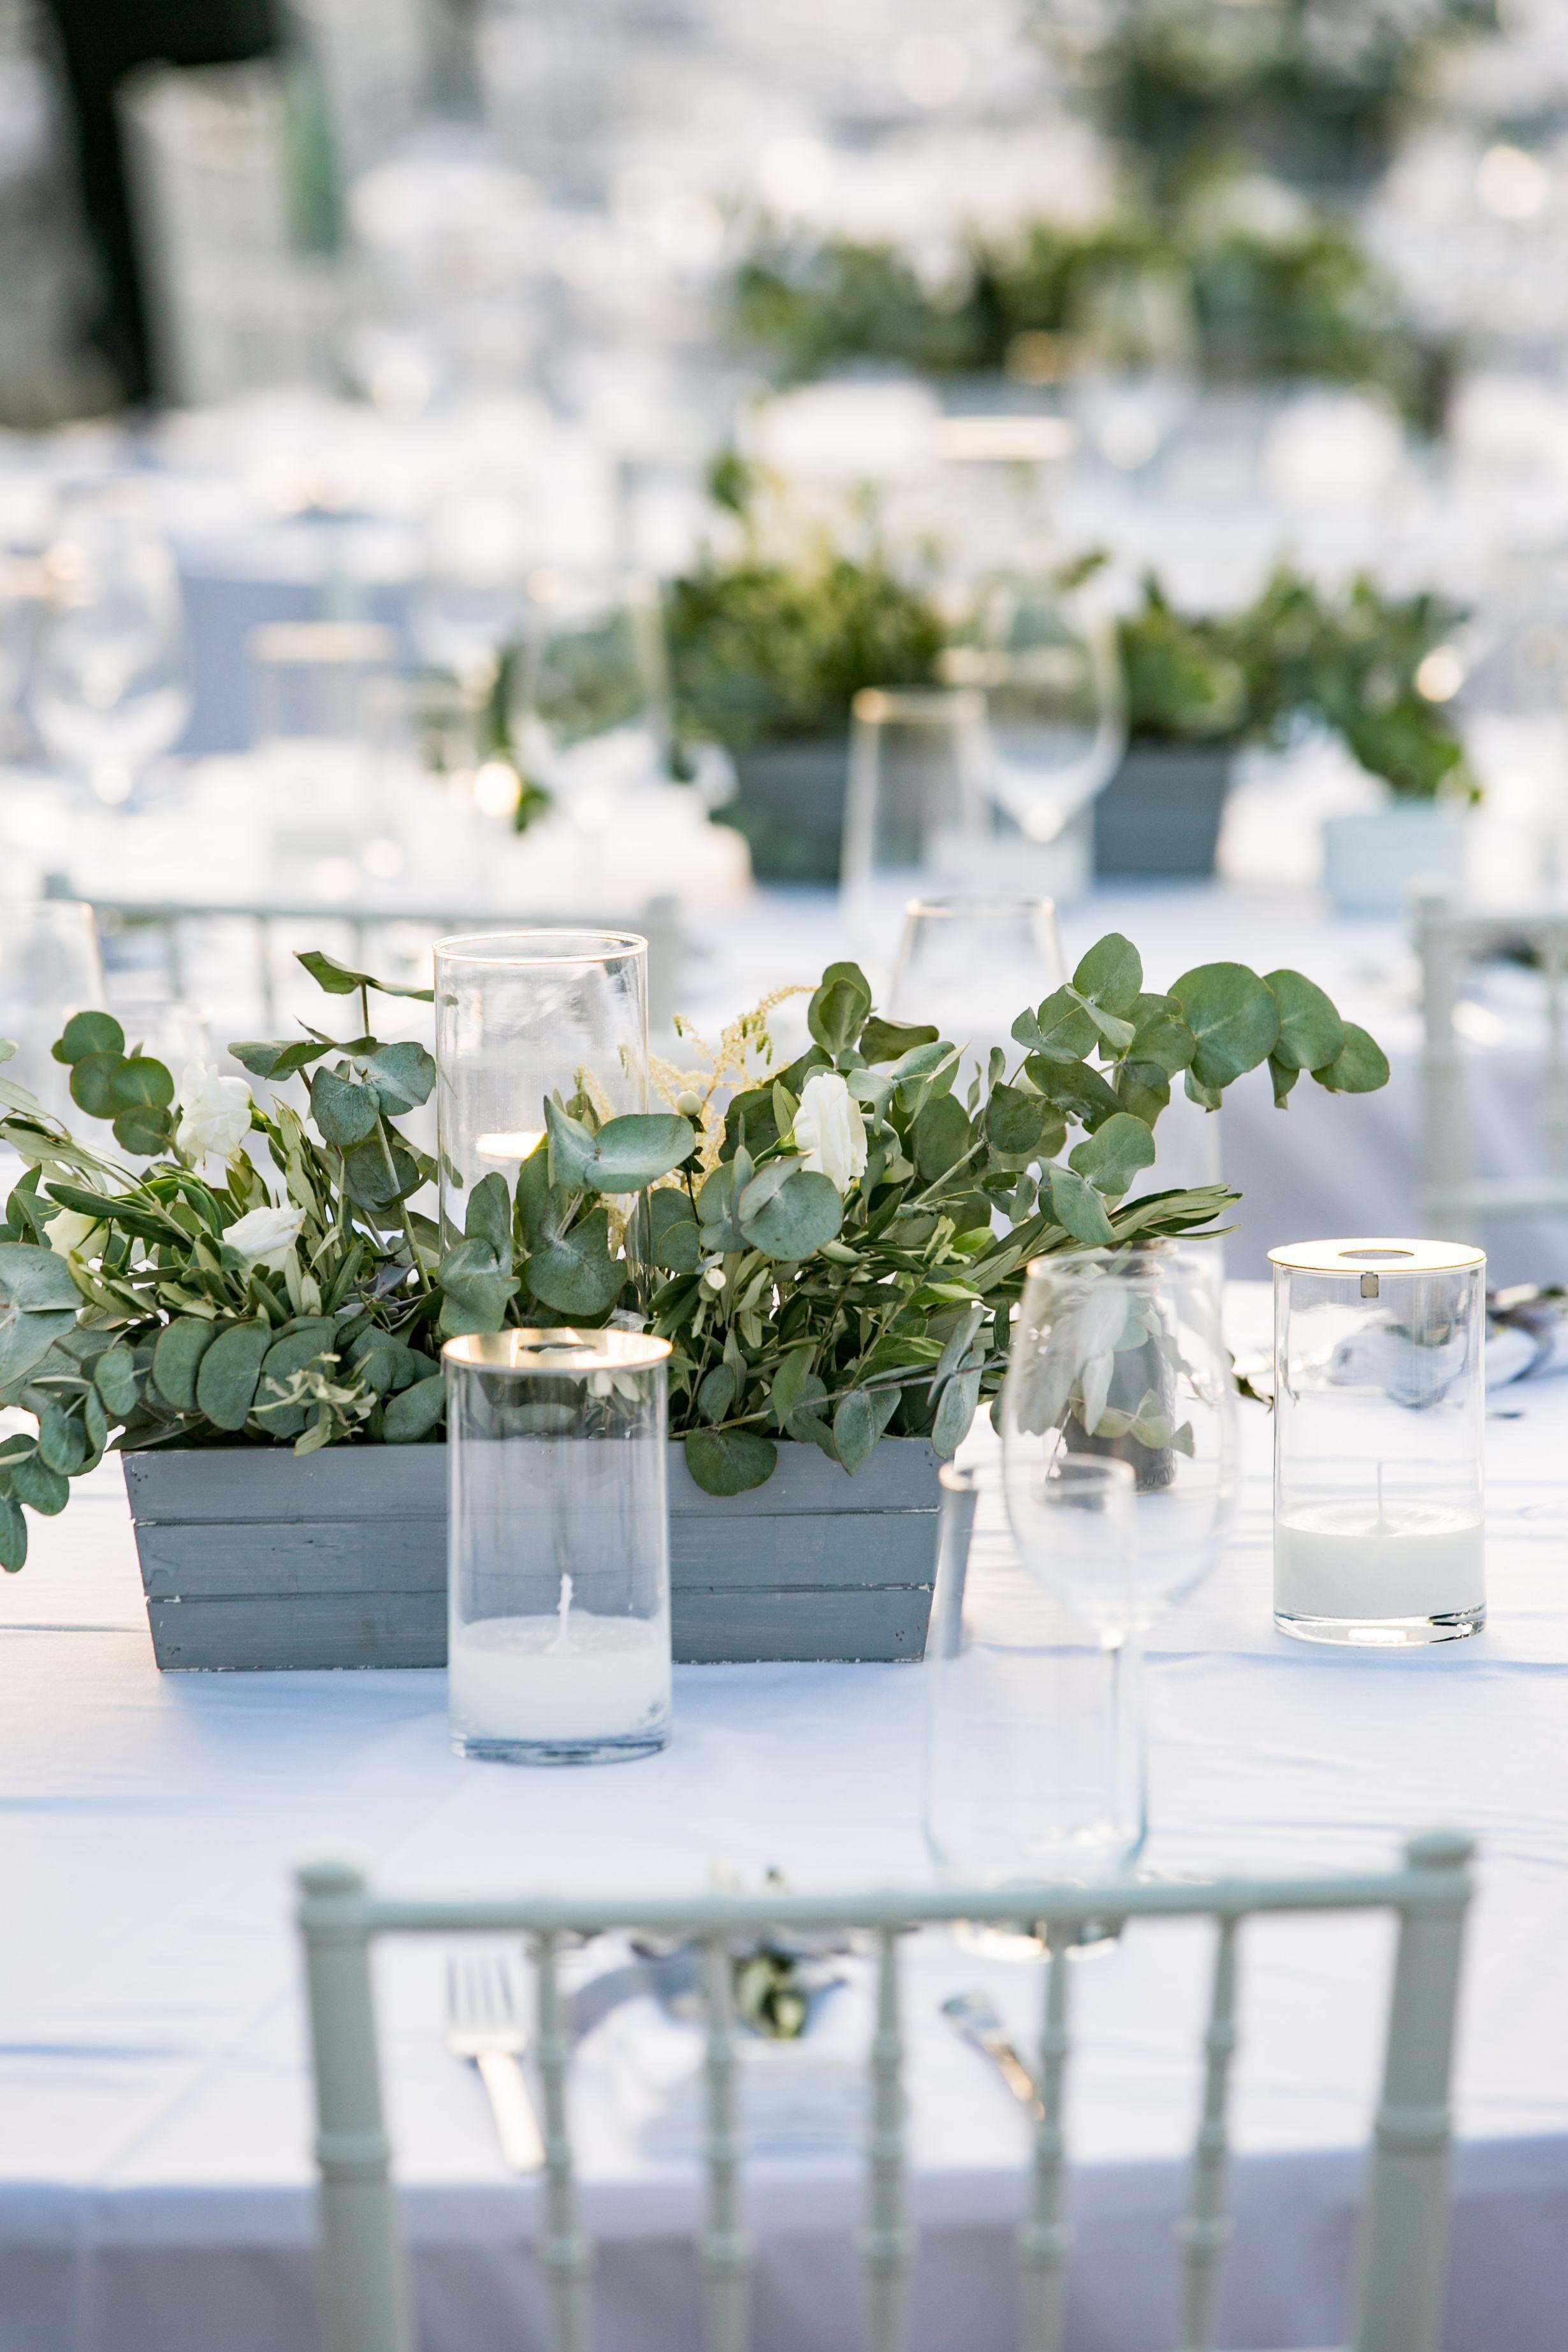 Wedding venue greek wedding outdoor venue summer wedding table setting styling & Wedding venue greek wedding outdoor venue summer wedding table ...